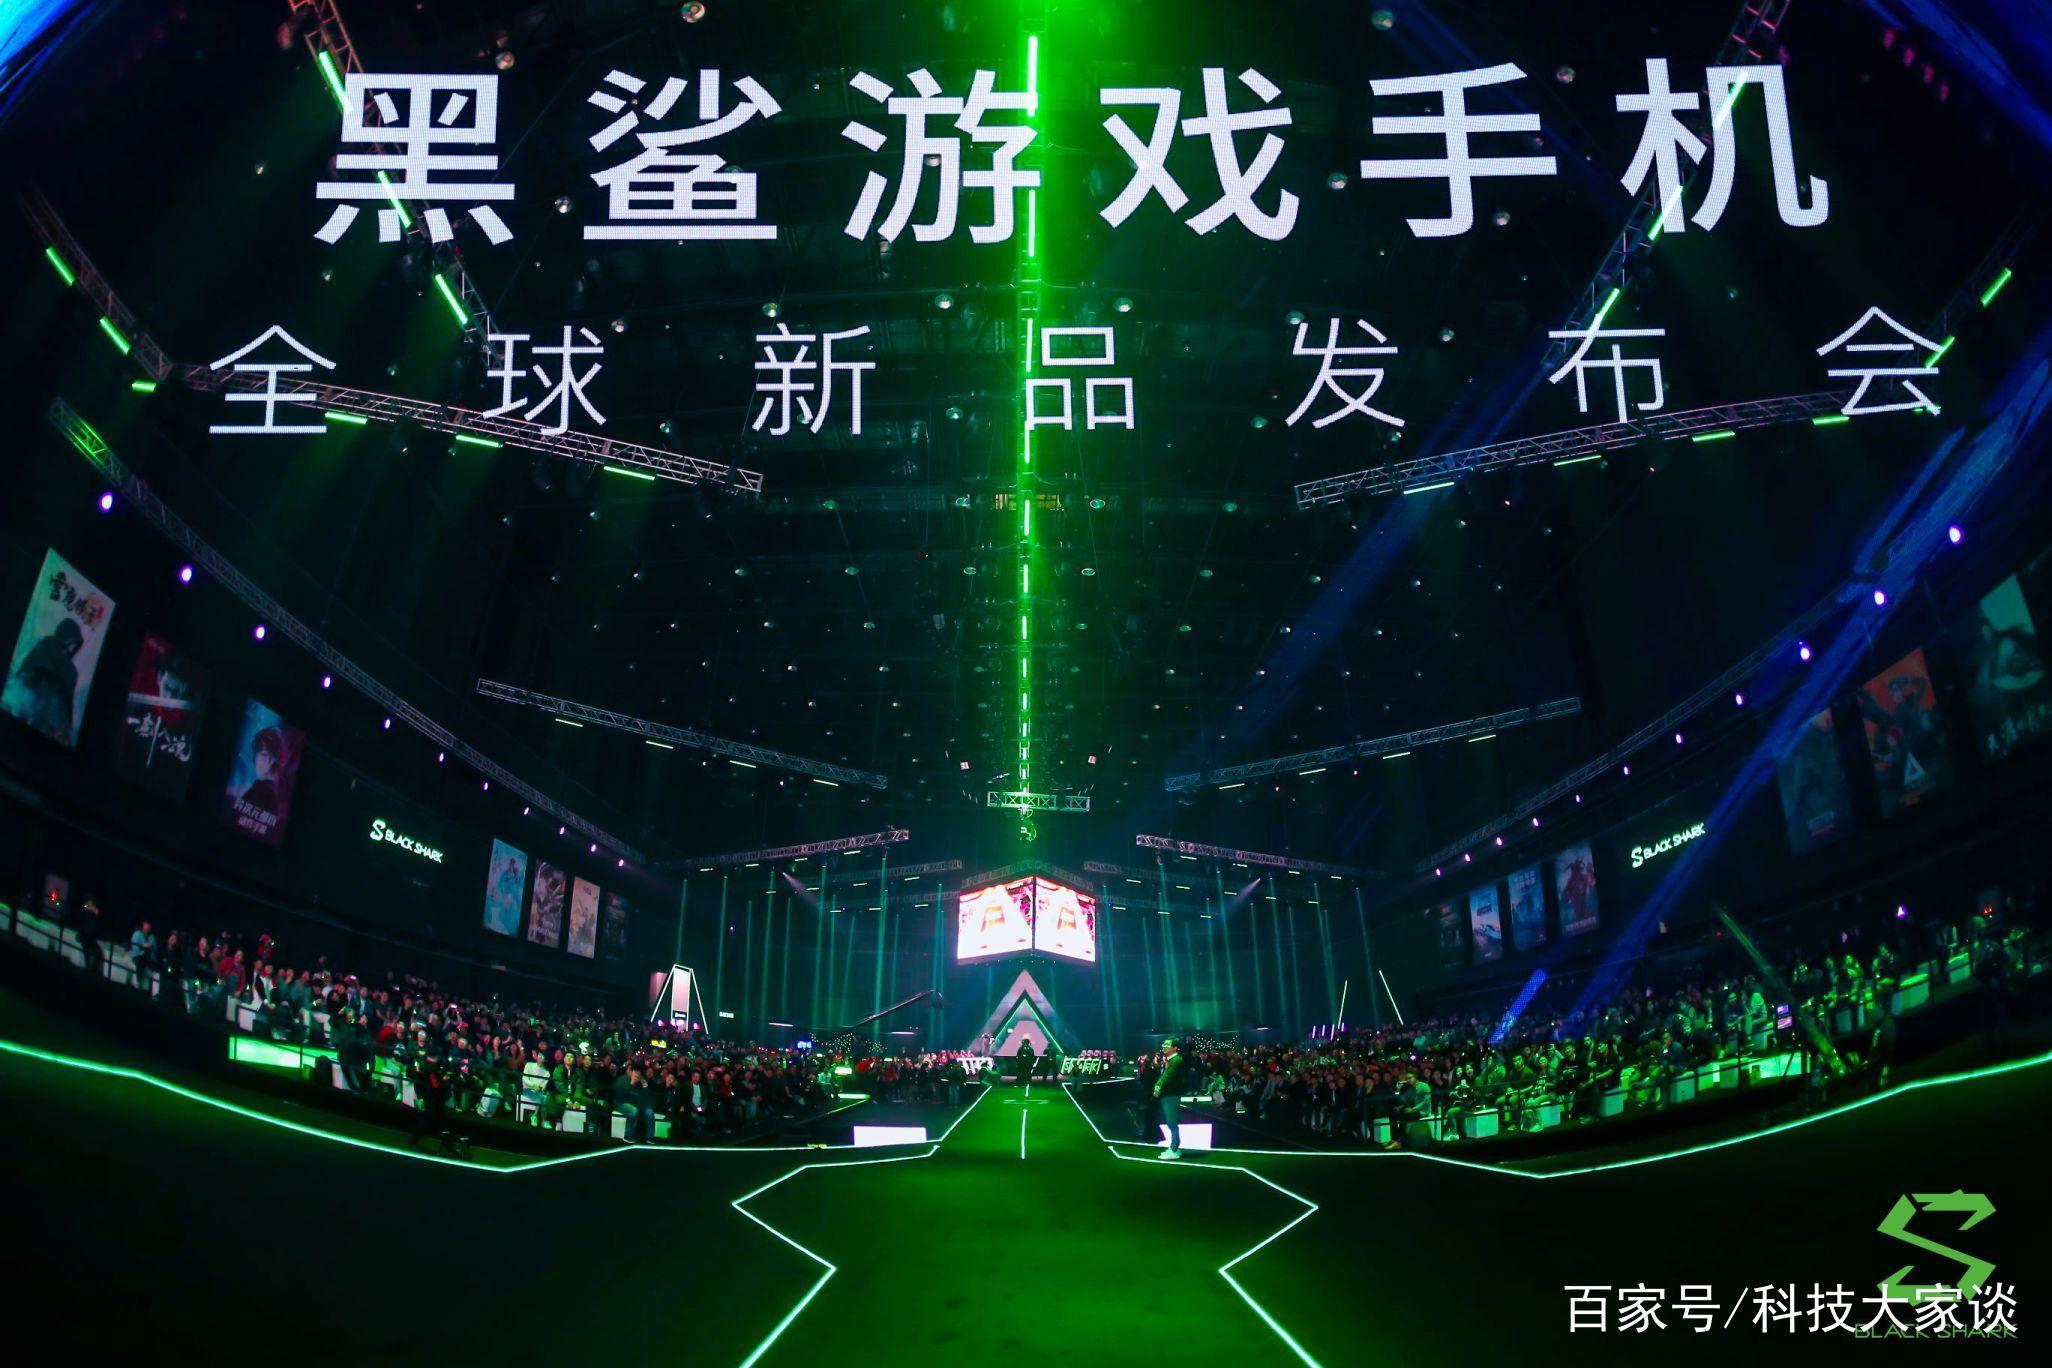 天津港物流�y�k��+_黑鲨游戏手机2发布 小米第一it博主雷军狂点赞